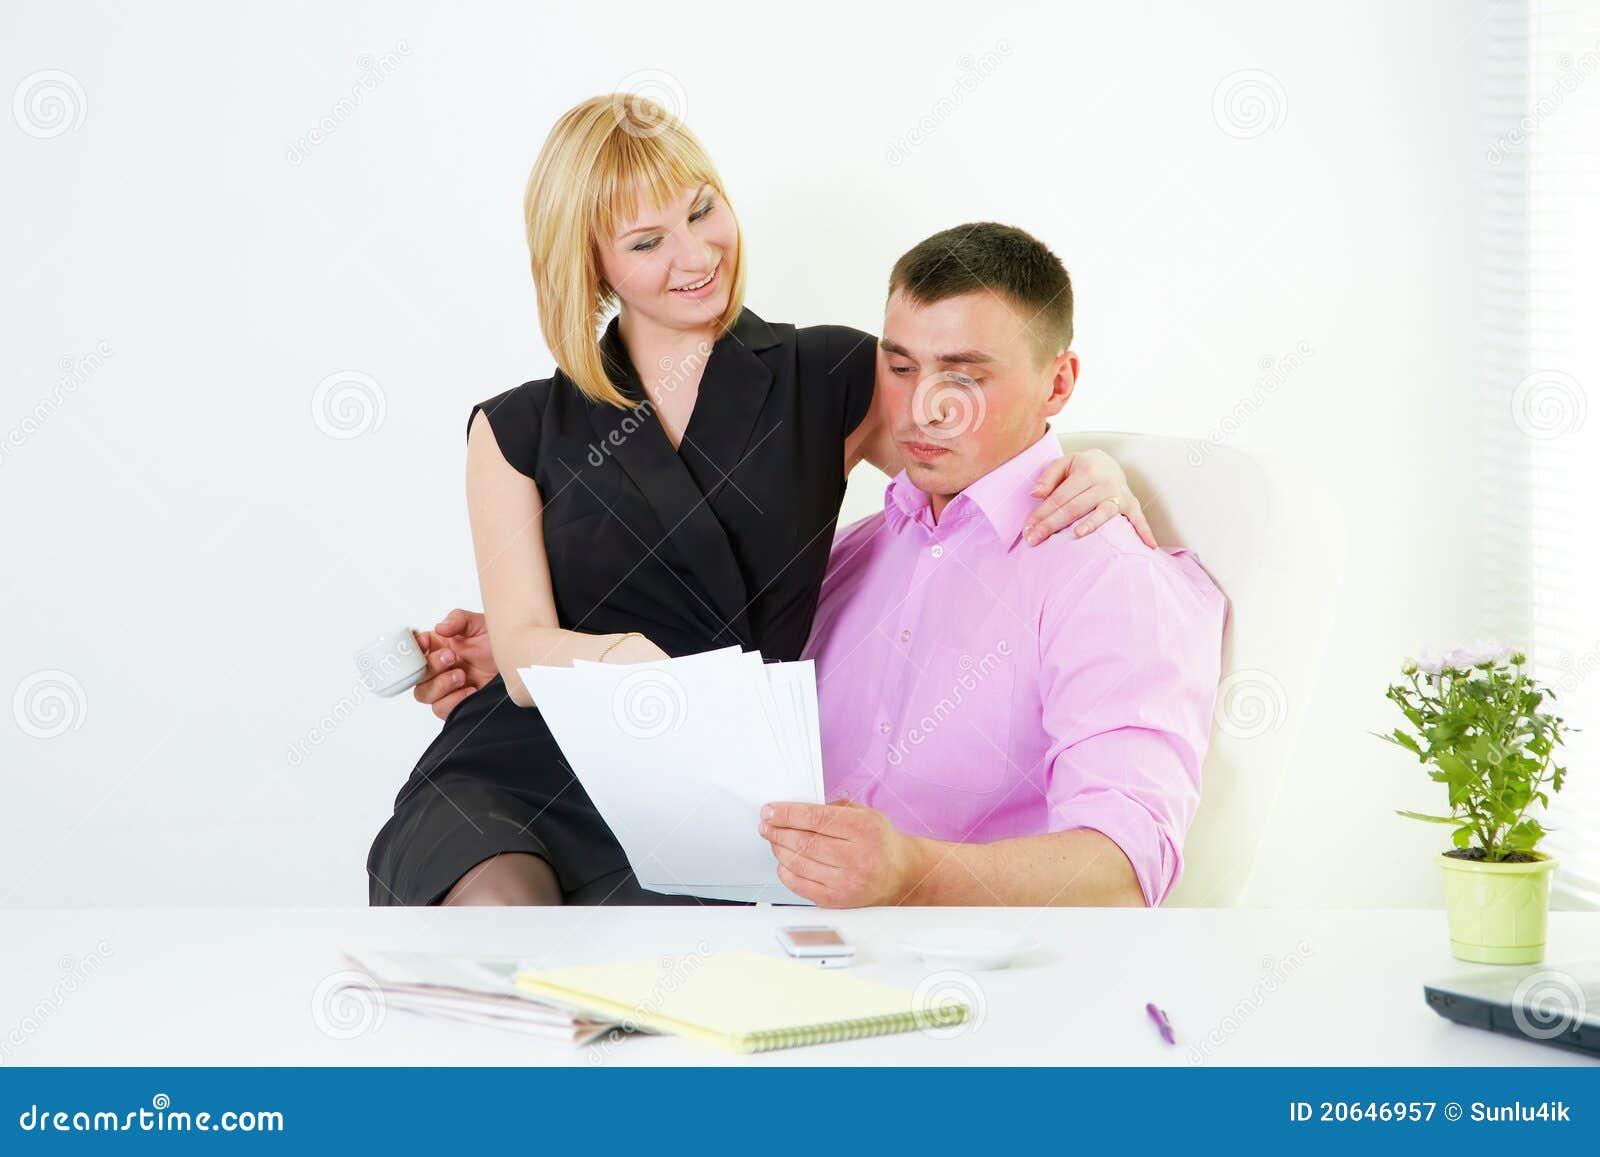 Супружеские пары флирт 8 фотография